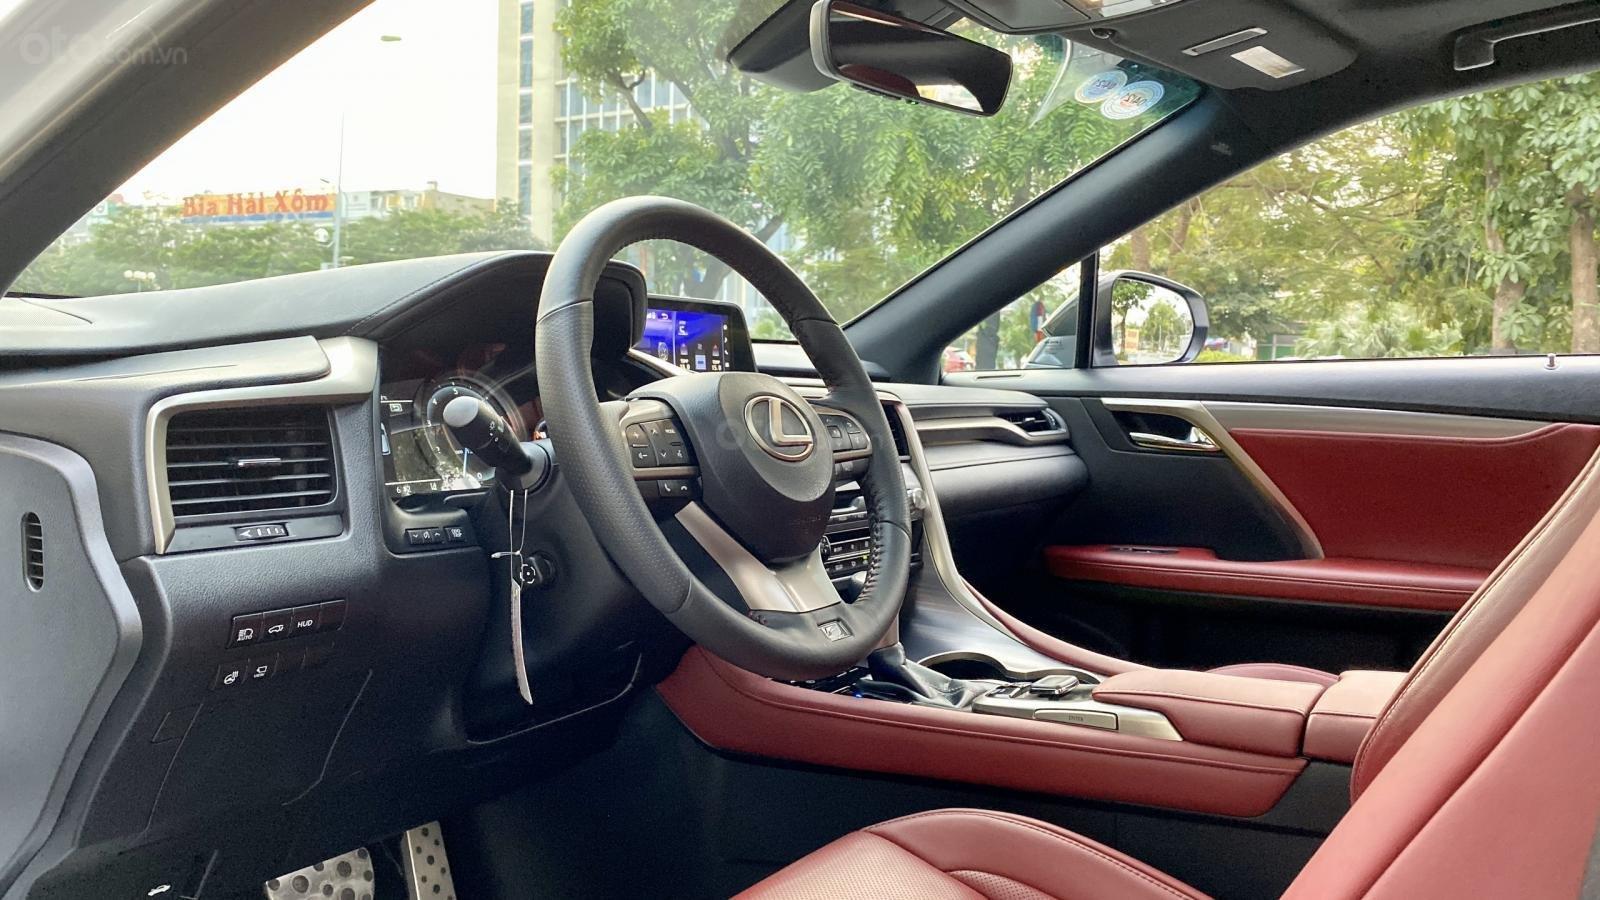 Bán xe Lexus RX 350 Fsport nhập Mỹ sản xuất 2018 đã qua sử dụng LH Ms Hương, giao xe toàn quốc, giá tốt (10)